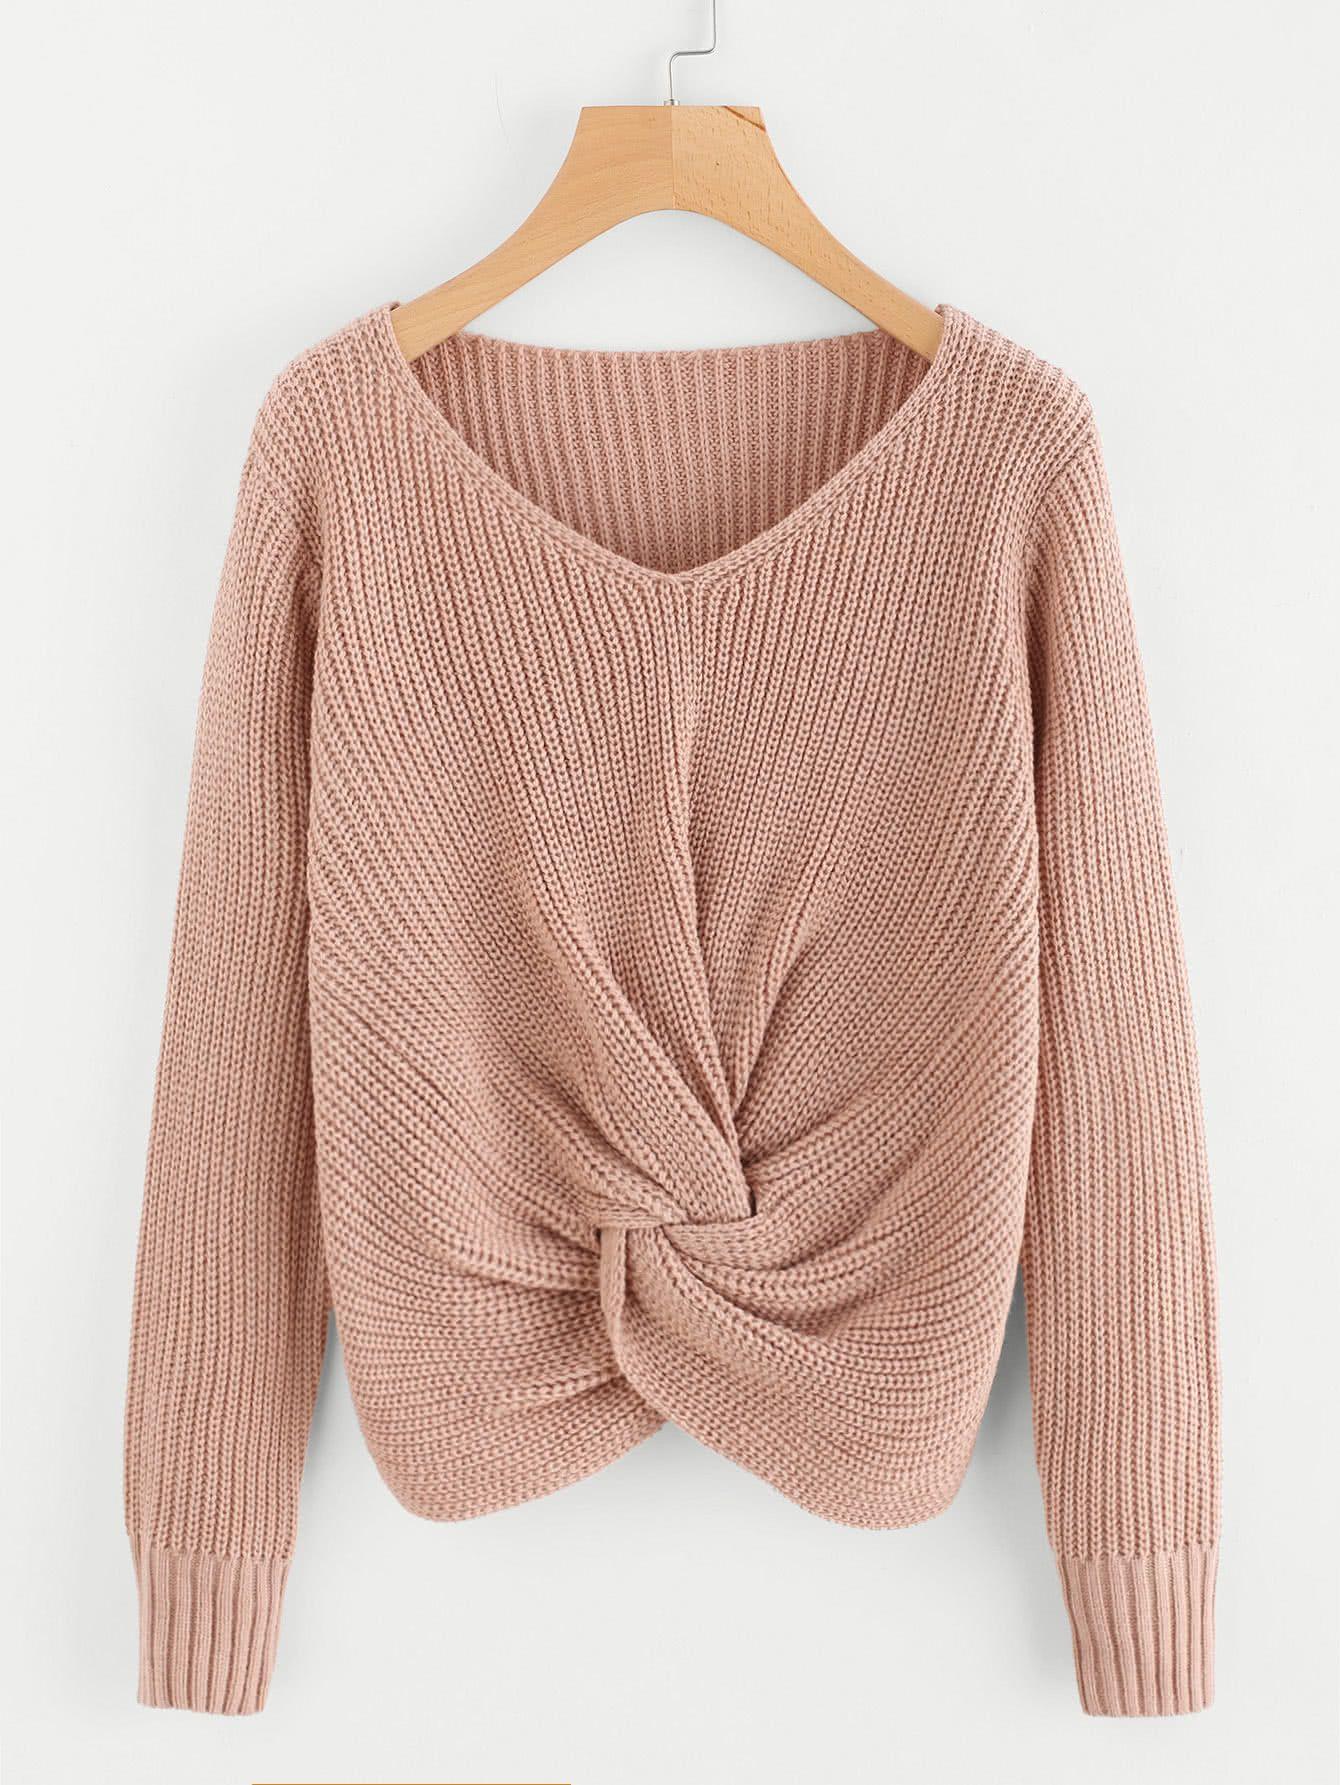 717149de49 Shop V-neckline Twist Front Sweater online. SheIn offers V-neckline Twist  Front Sweater   more to fit your fashionable needs.